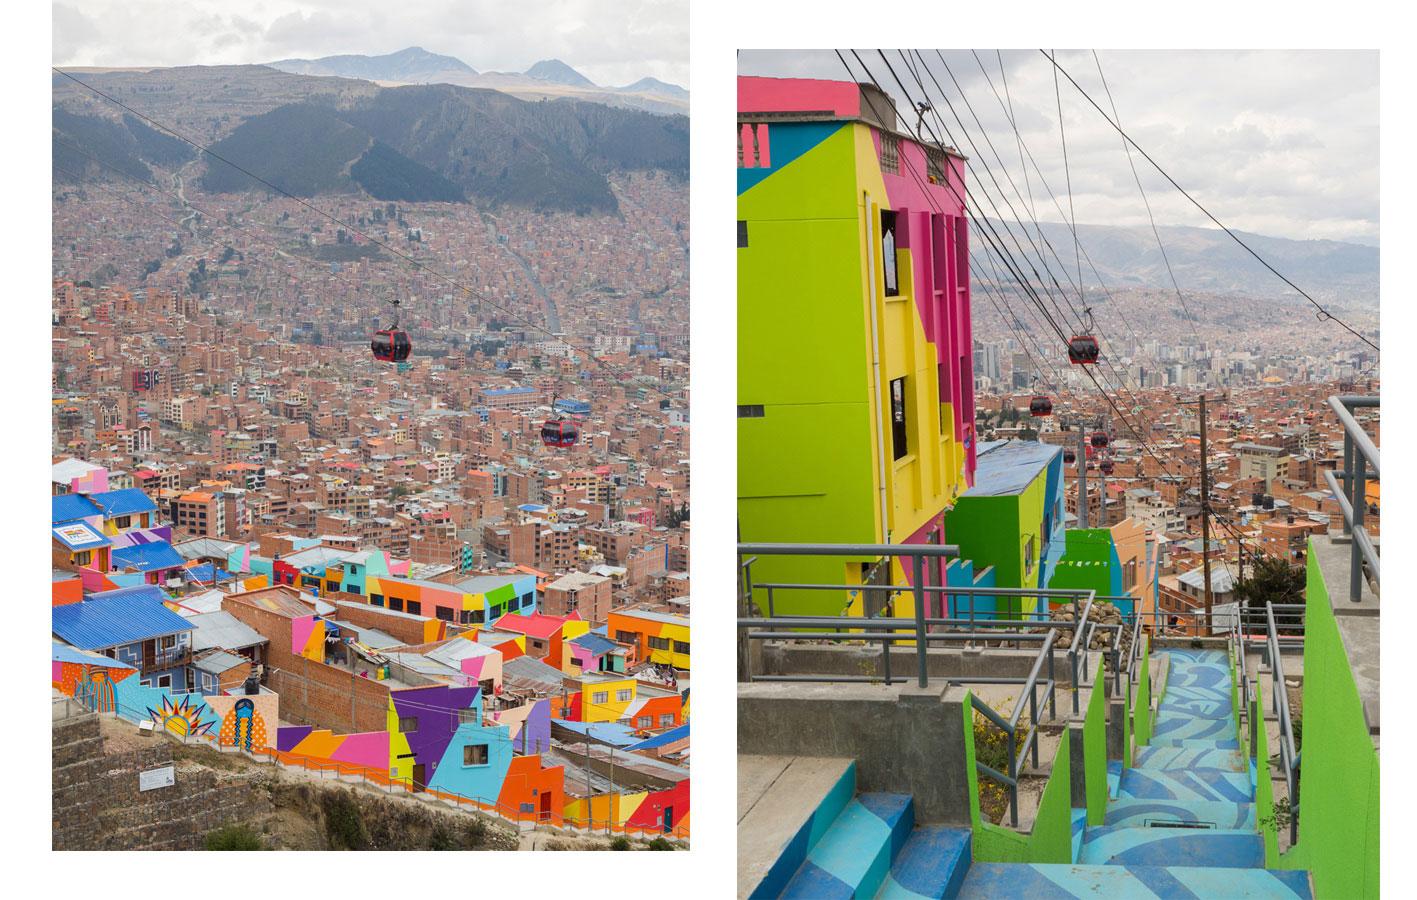 cancha chualluma la paz bolivien3 - Sehenswertes in La Paz und El Alto, Bolivien